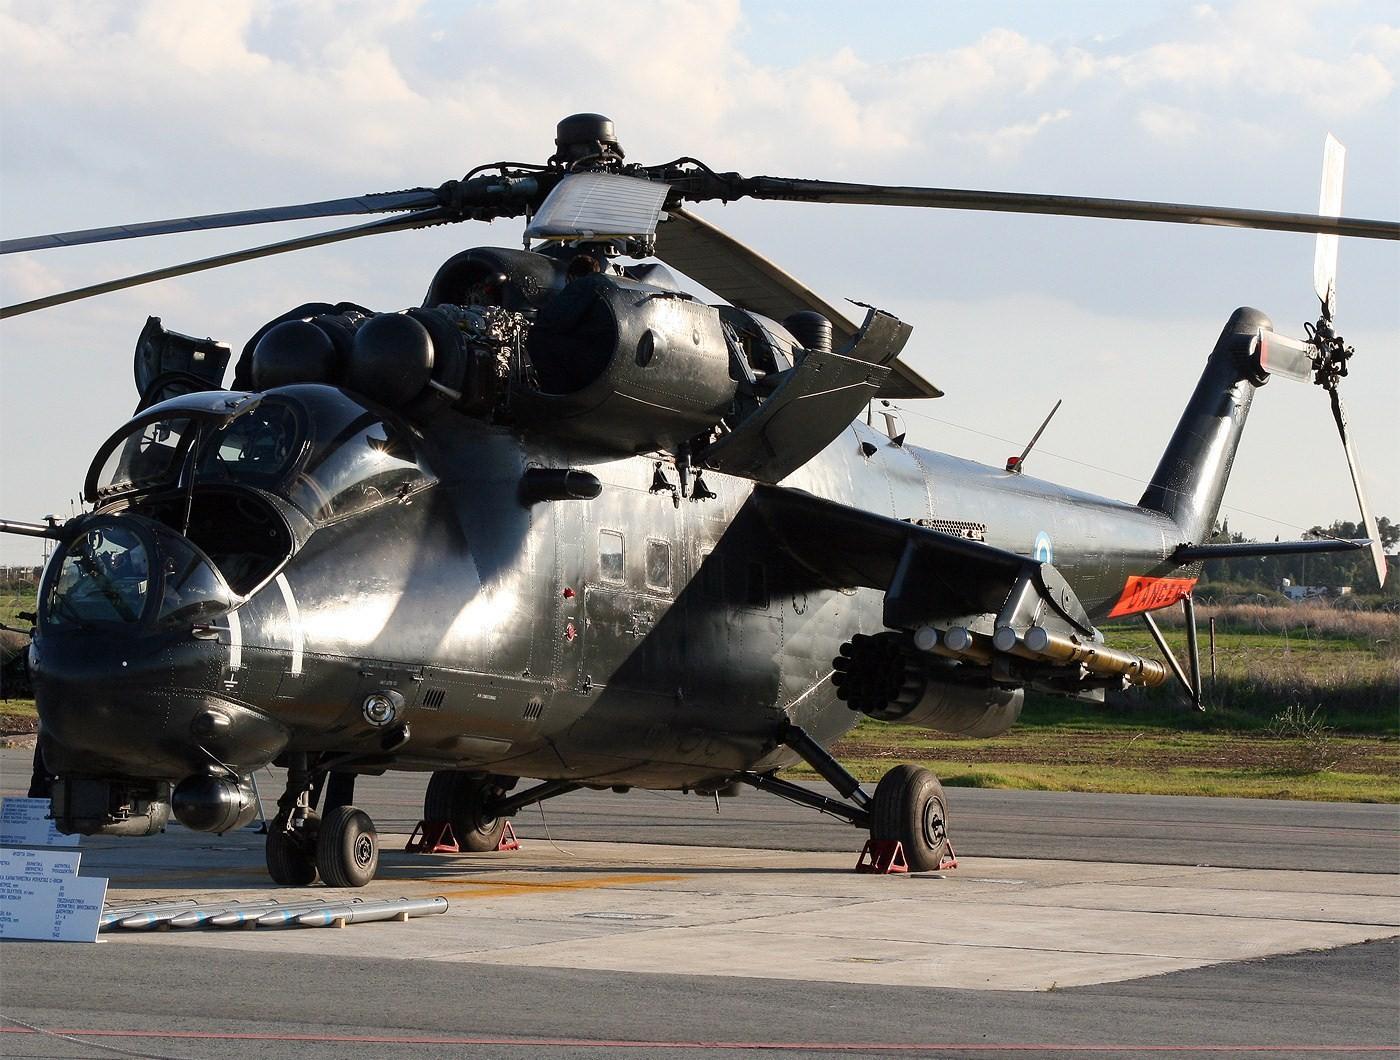 Обои ГШ-30К, ВВС Нигерии, Модернизированный вариант Ми-24, Ми-35П, Ударный вертолёт, экспортный вариант Ми-24П. Авиация foto 12